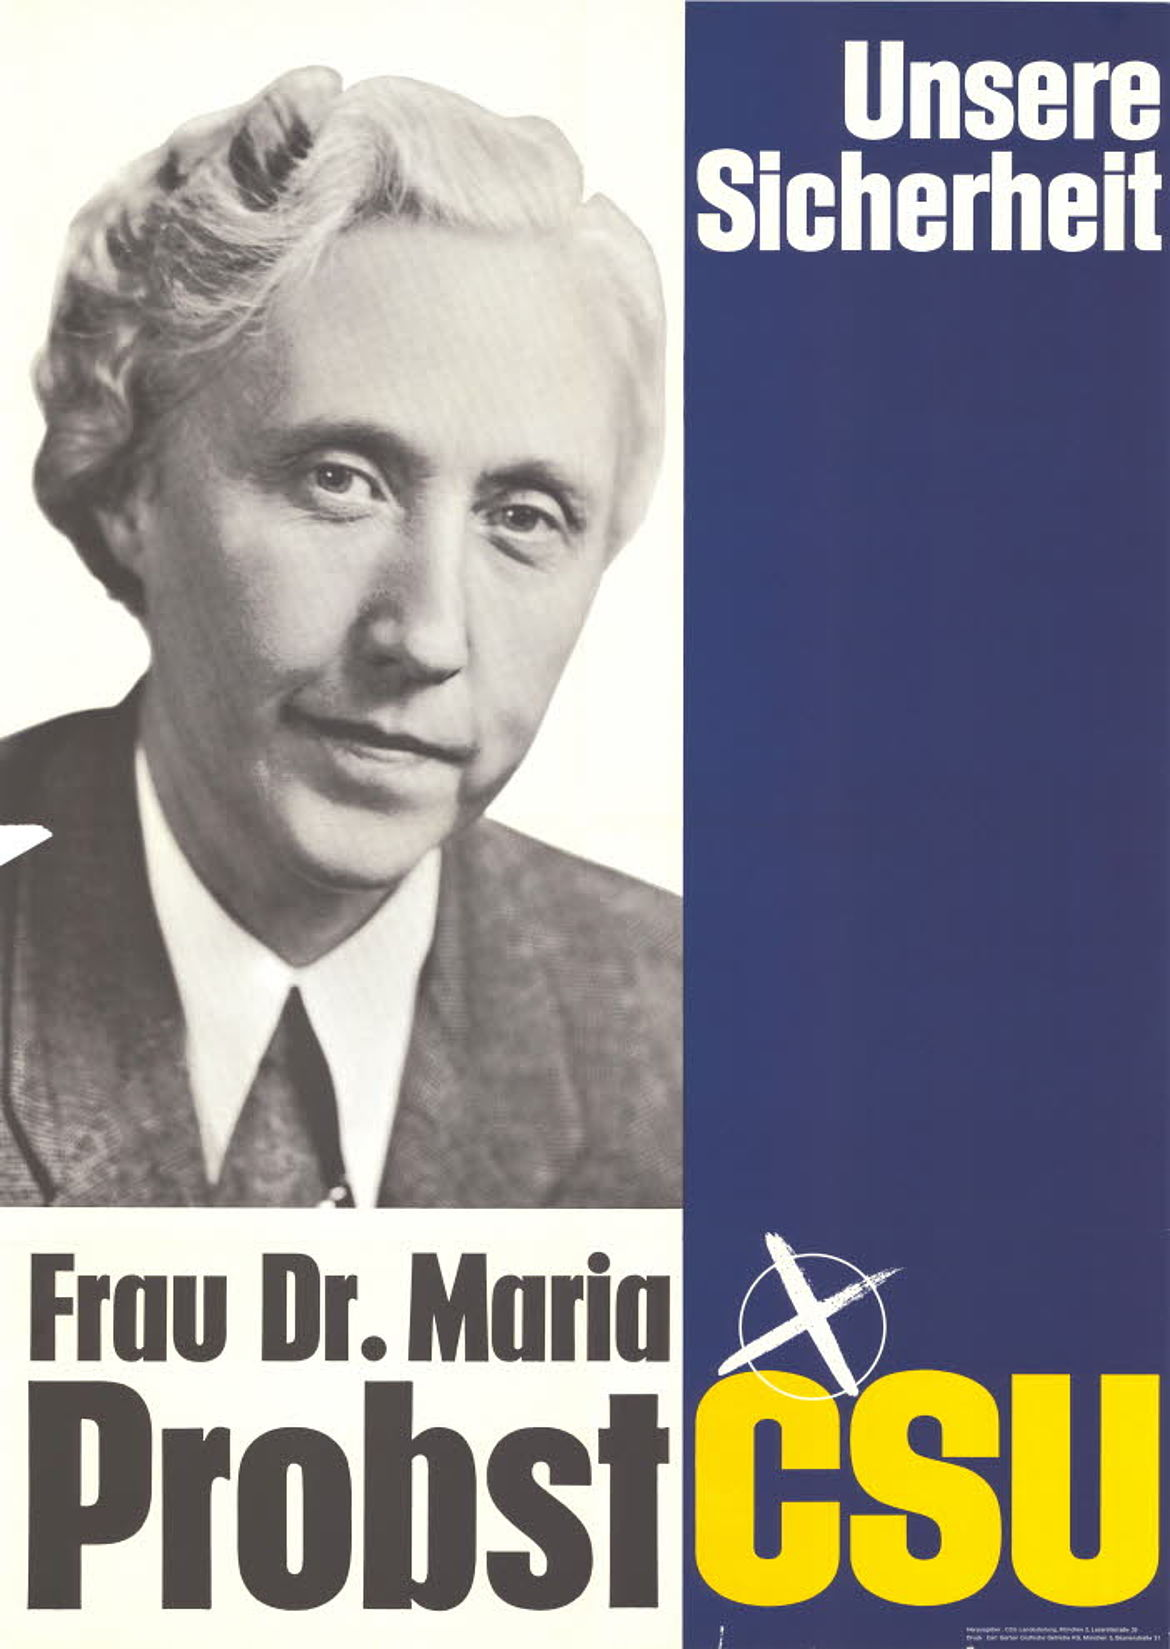 Plakat zur Bundestagswahl 1965